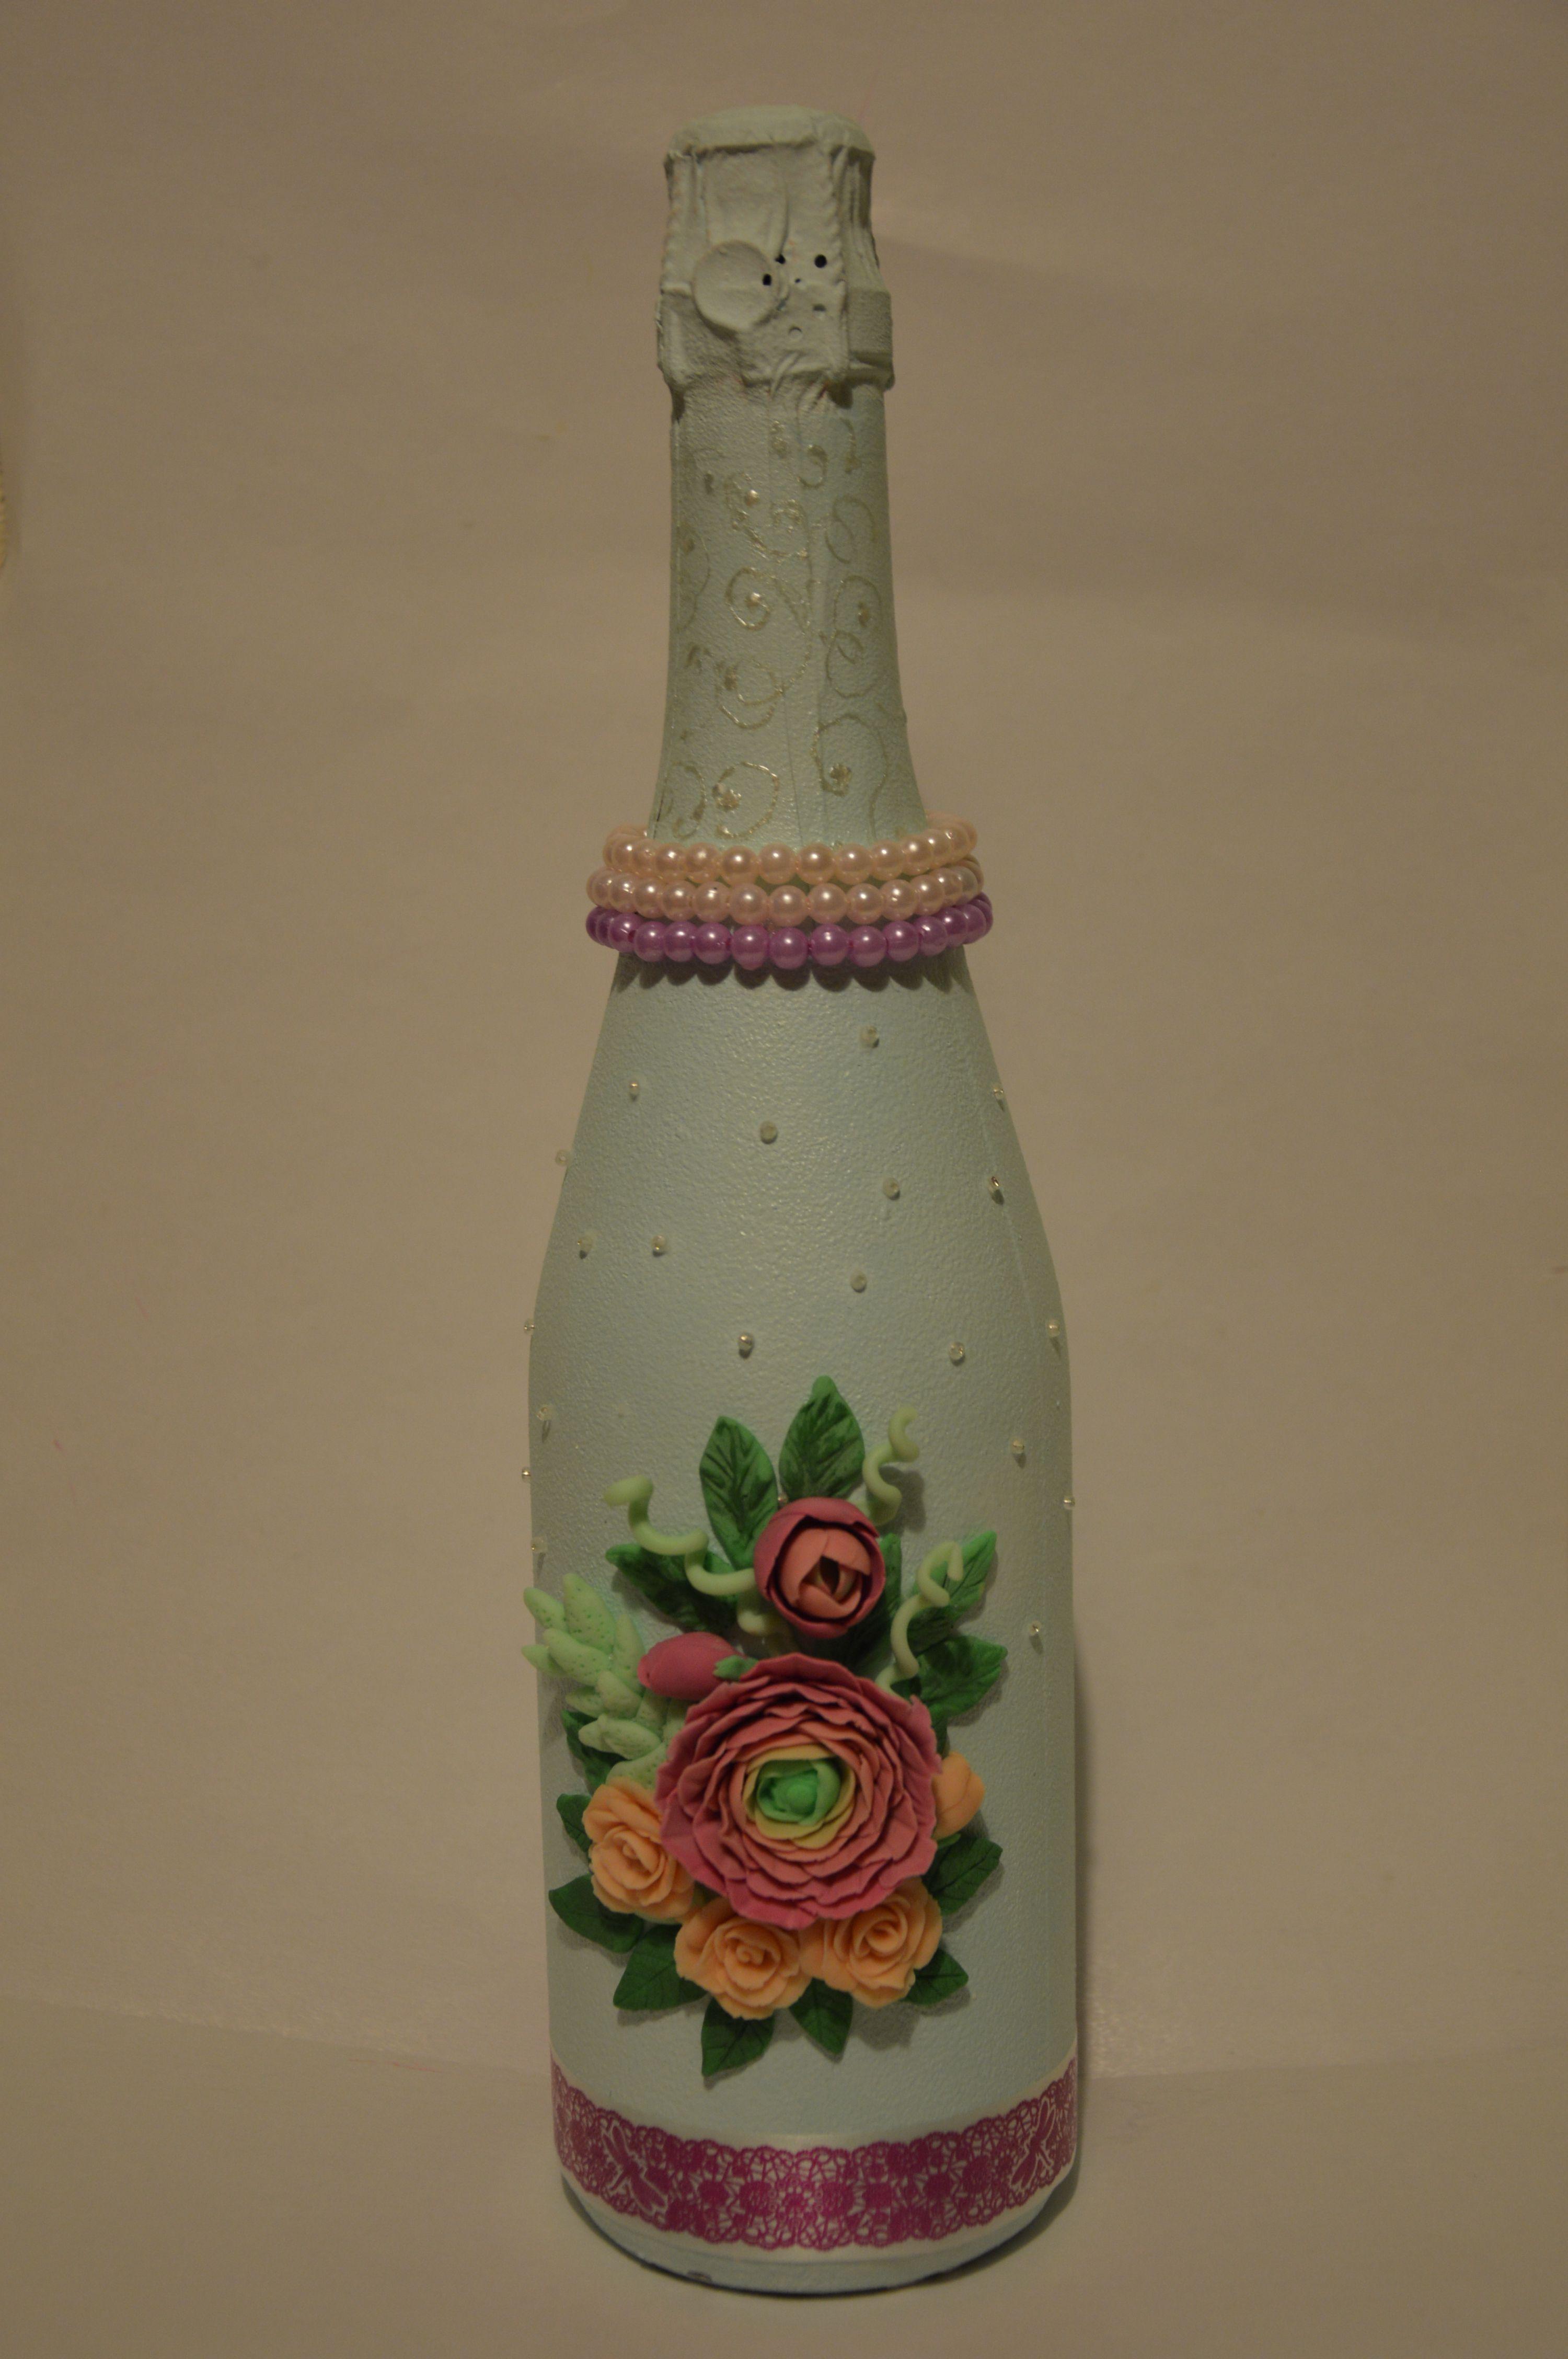 бутылкашампанского свадьба праздник розы 8марта полимернаяглина красота